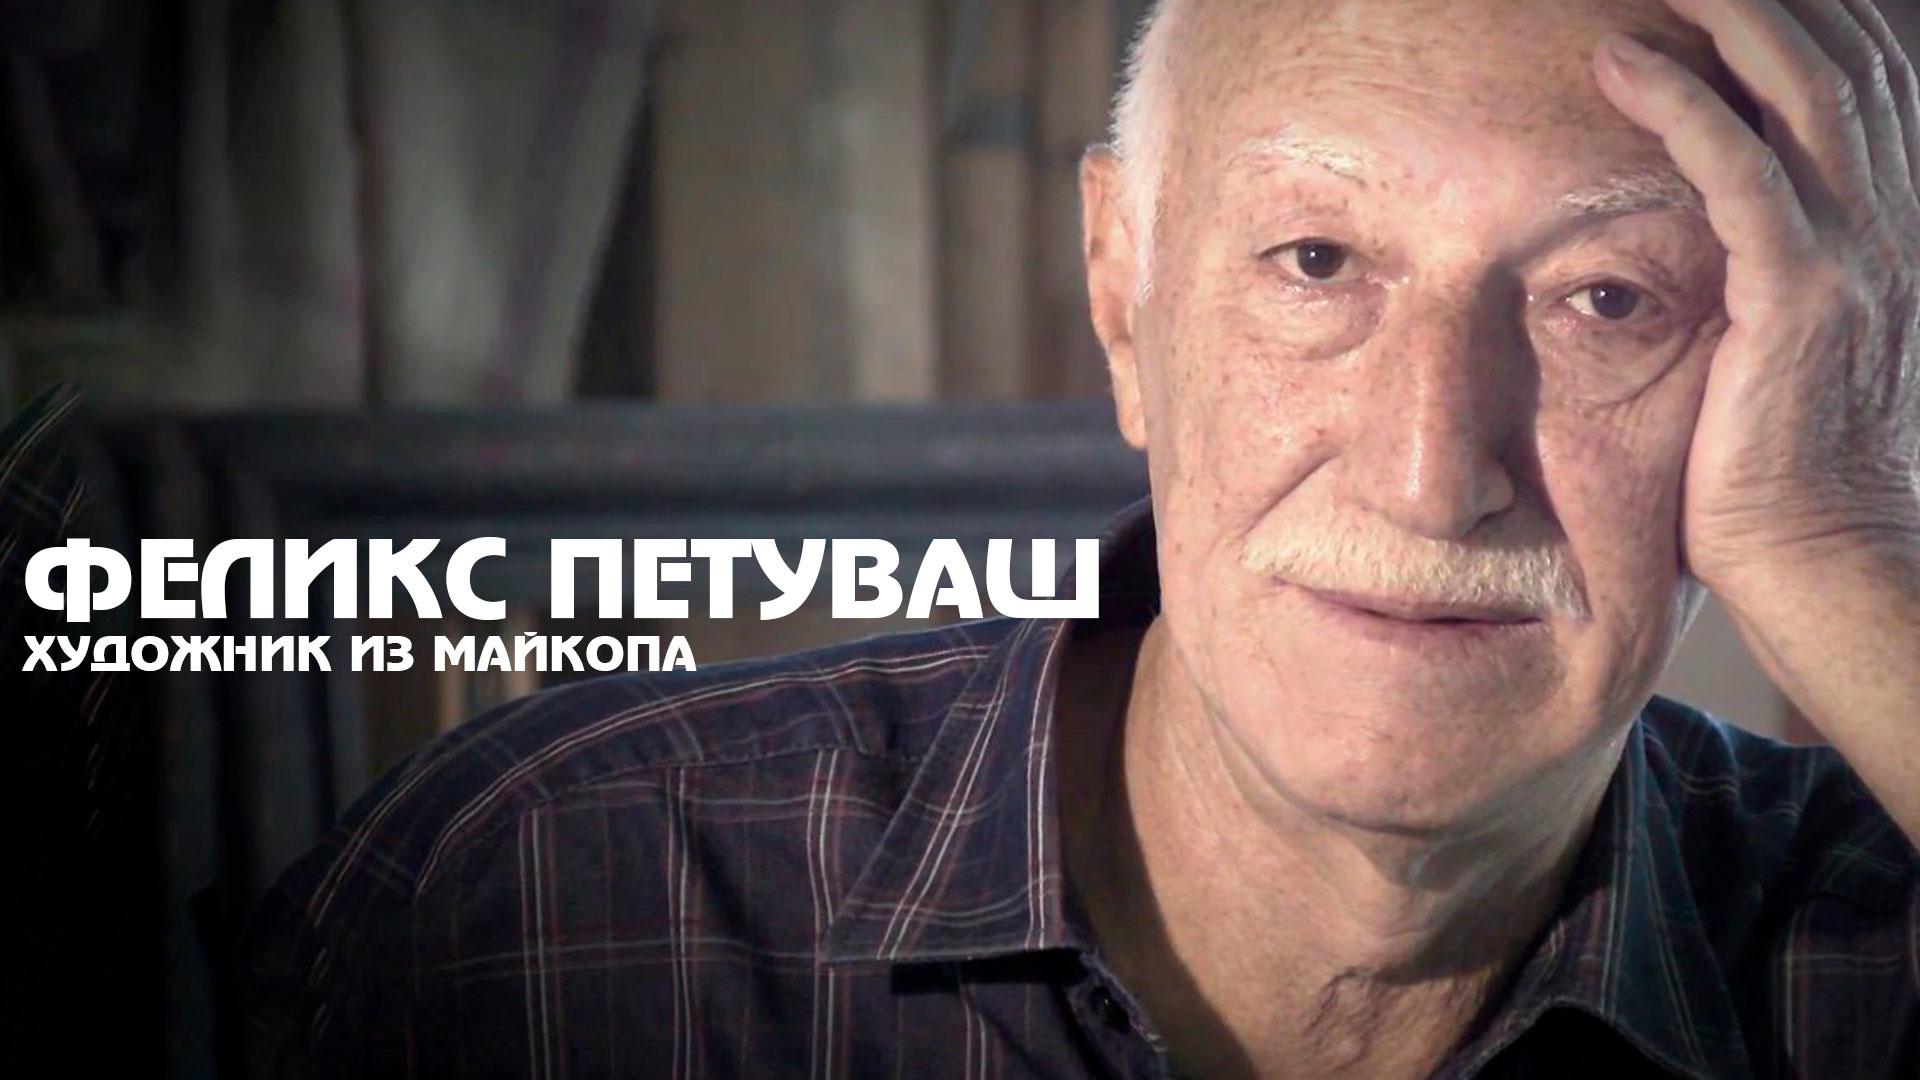 Феликс Петуваш. Художник из Майкопа